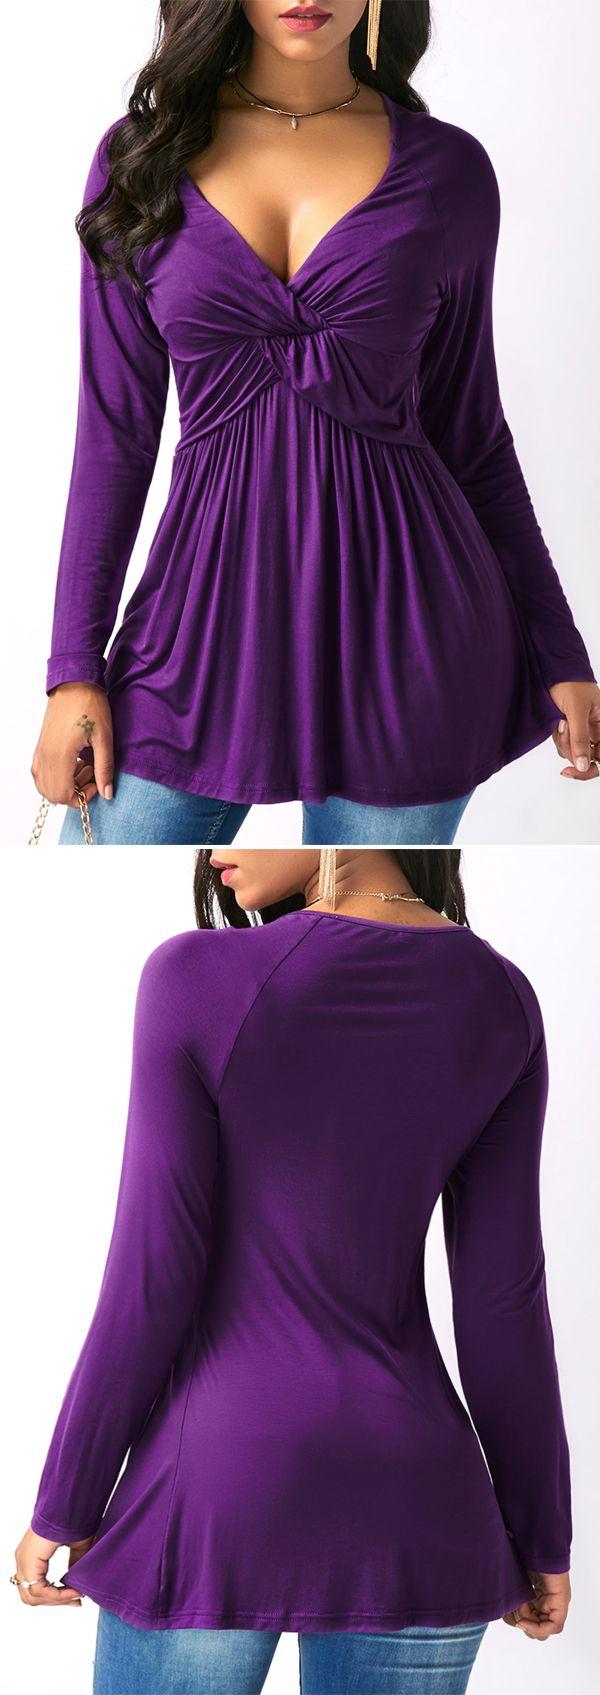 #liligal #tees #tshirt #top #womenswear #womensfashion